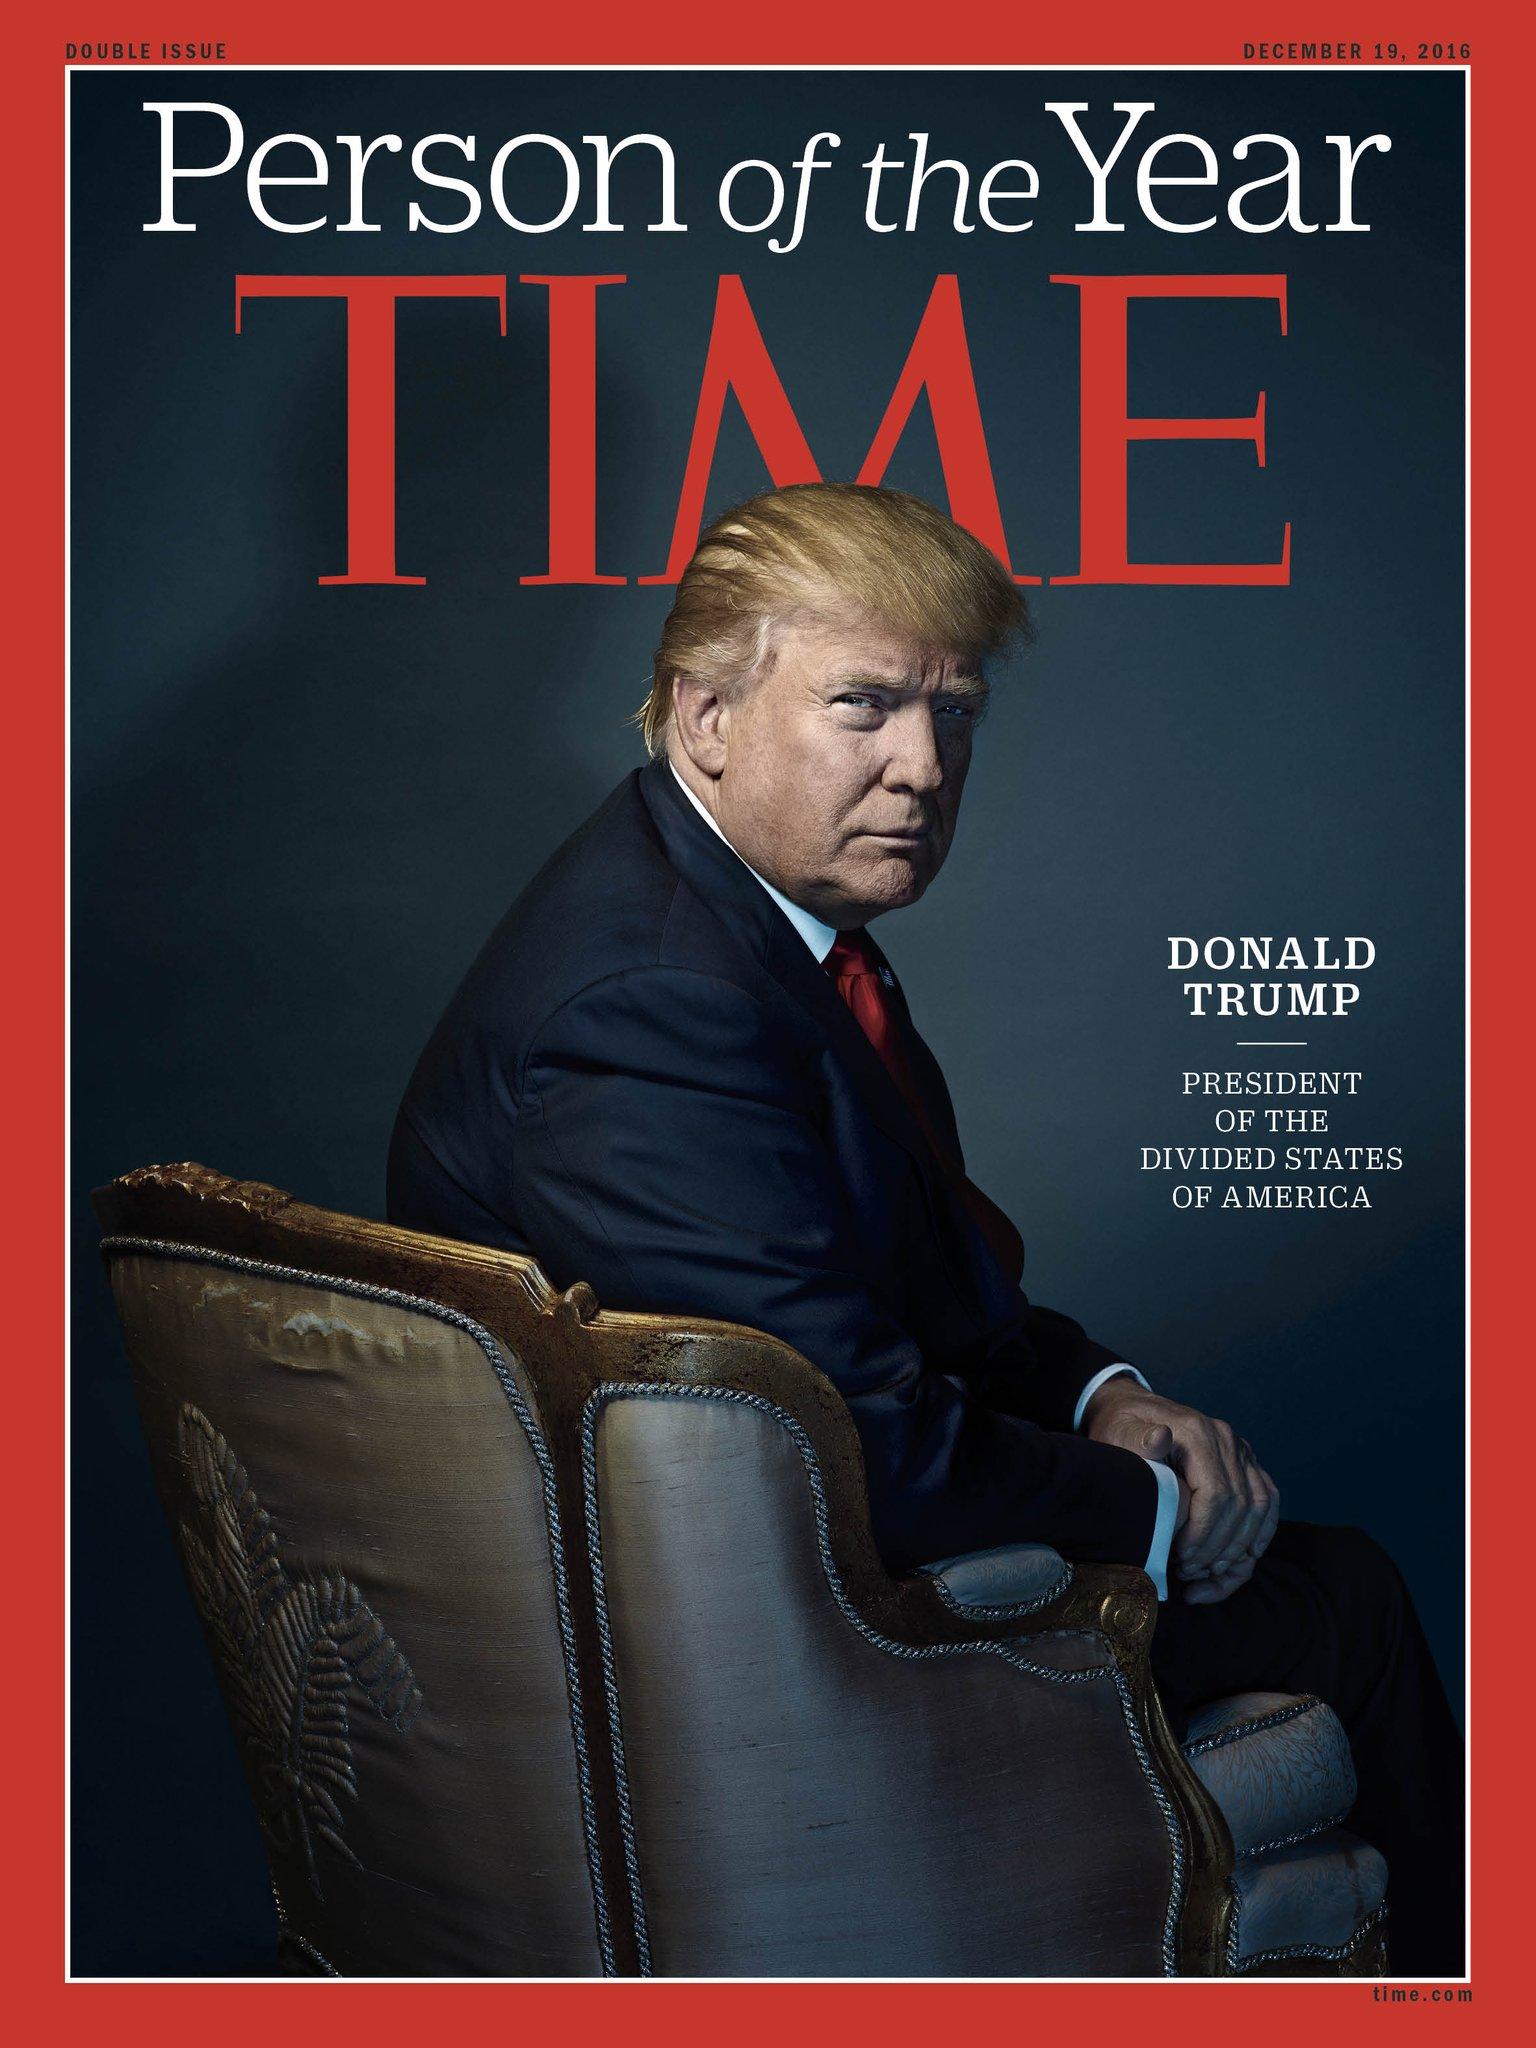 """Donald Trump fotografado por Nadav Kander na capa da revista """"Time"""", edição Personalidade do Ano de 2016."""